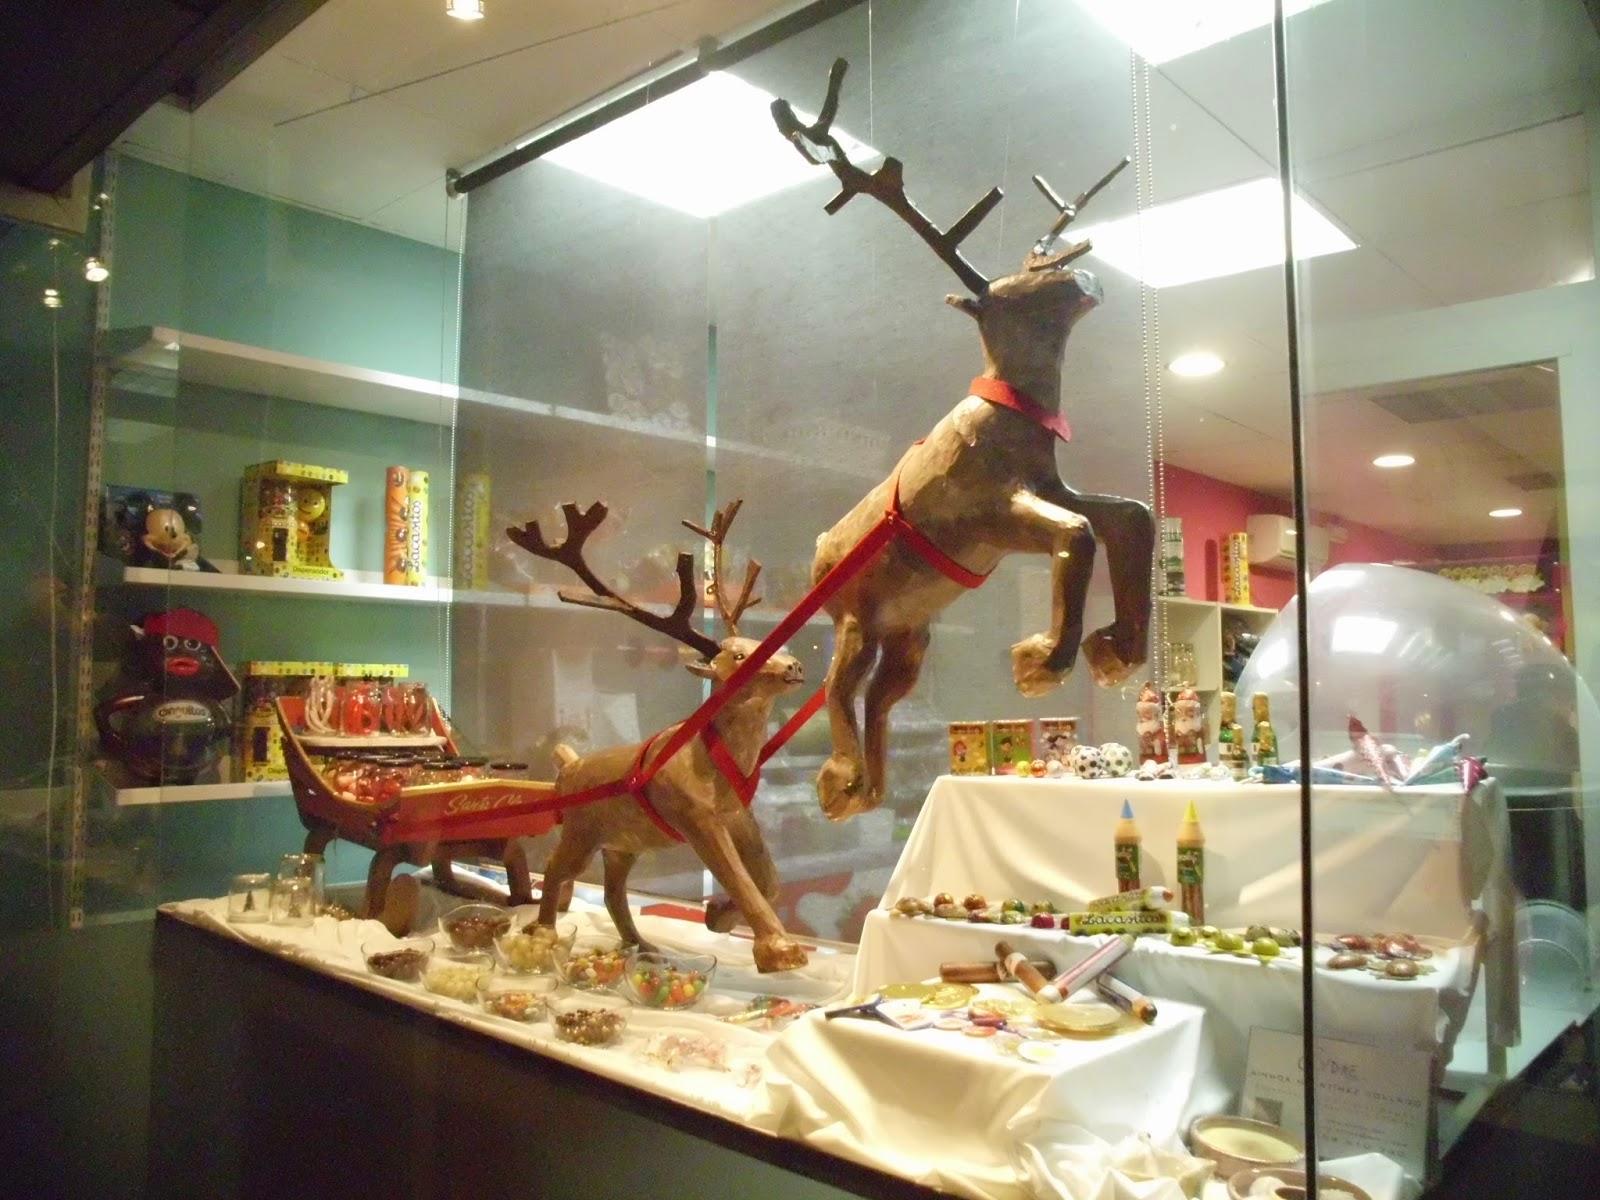 escaparate navideño trineo santa claus y renos volando